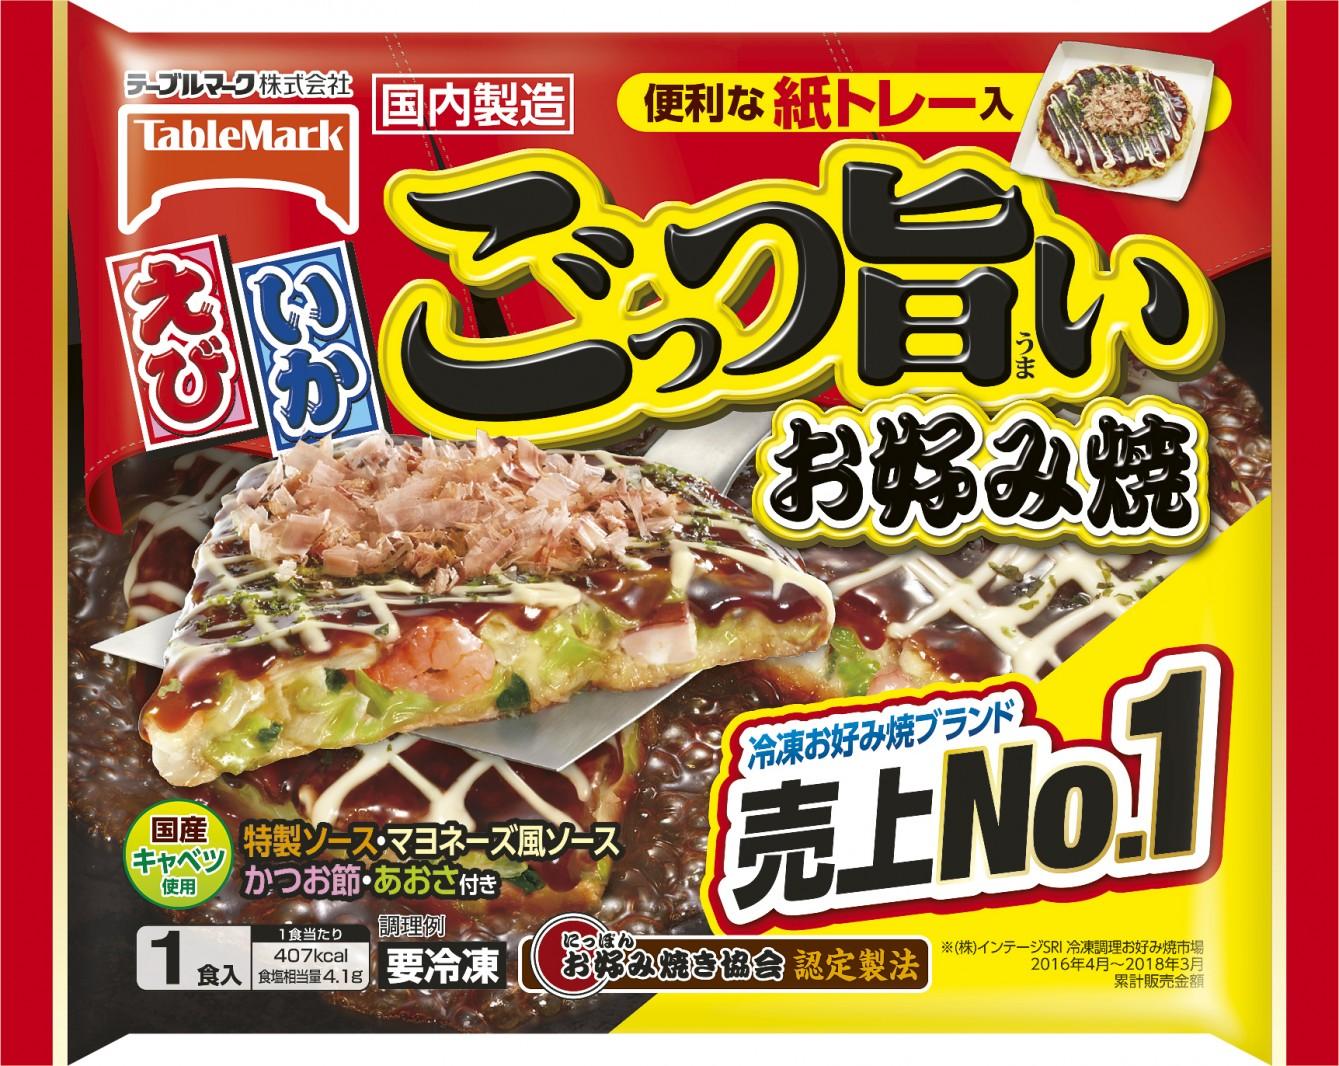 【ブランド別 ベスト5】テーブルマーク さぬきうどんでしょ? いえいえ№1は「お好み焼」!